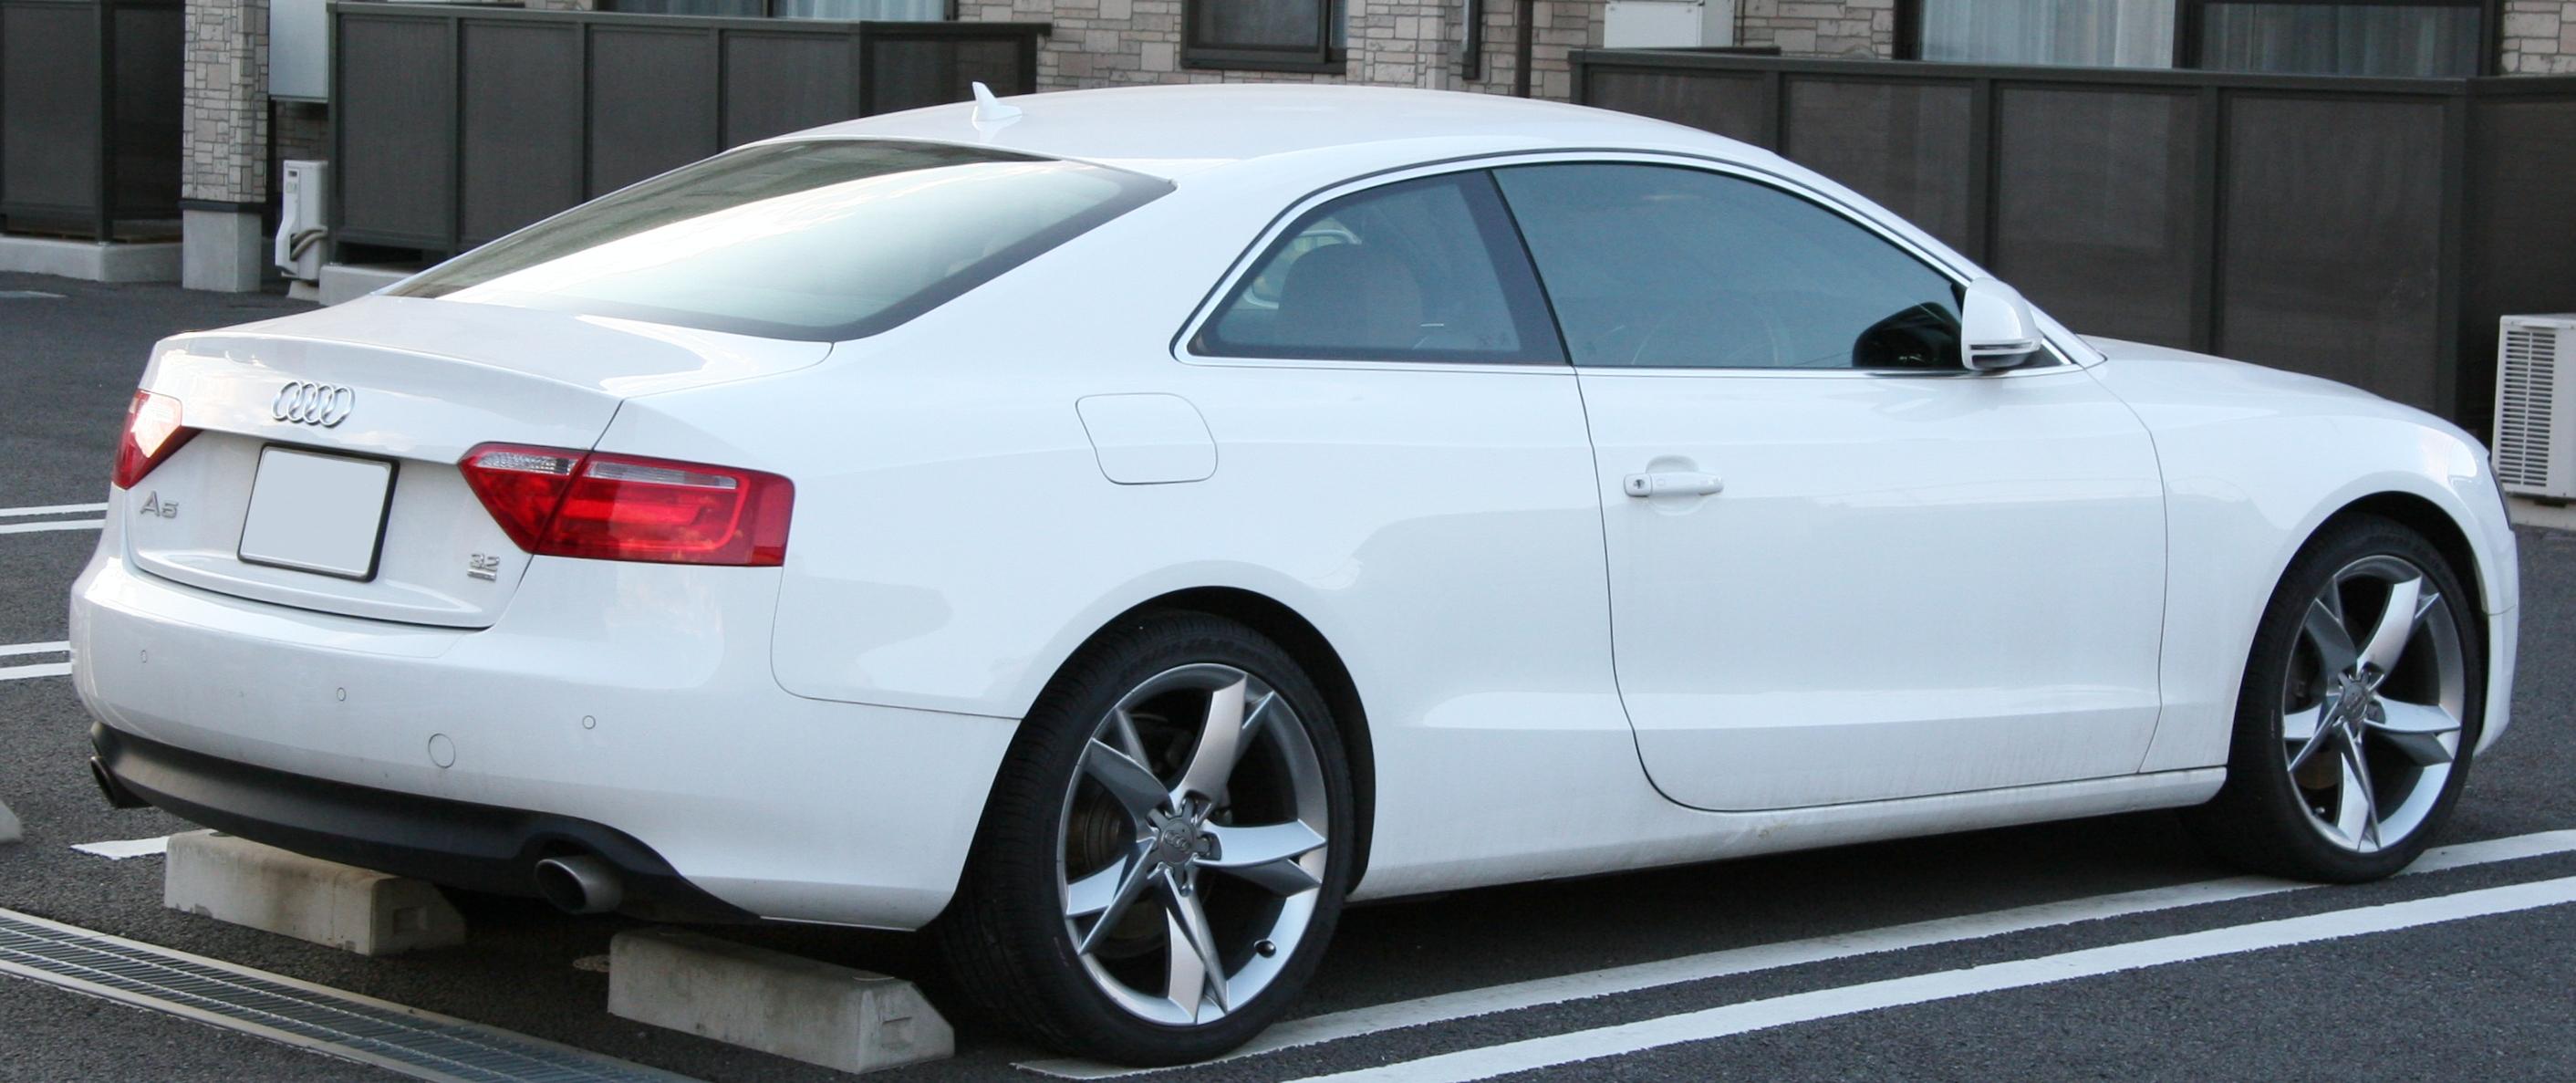 Kelebihan Audi A5 3.2 Fsi Spesifikasi